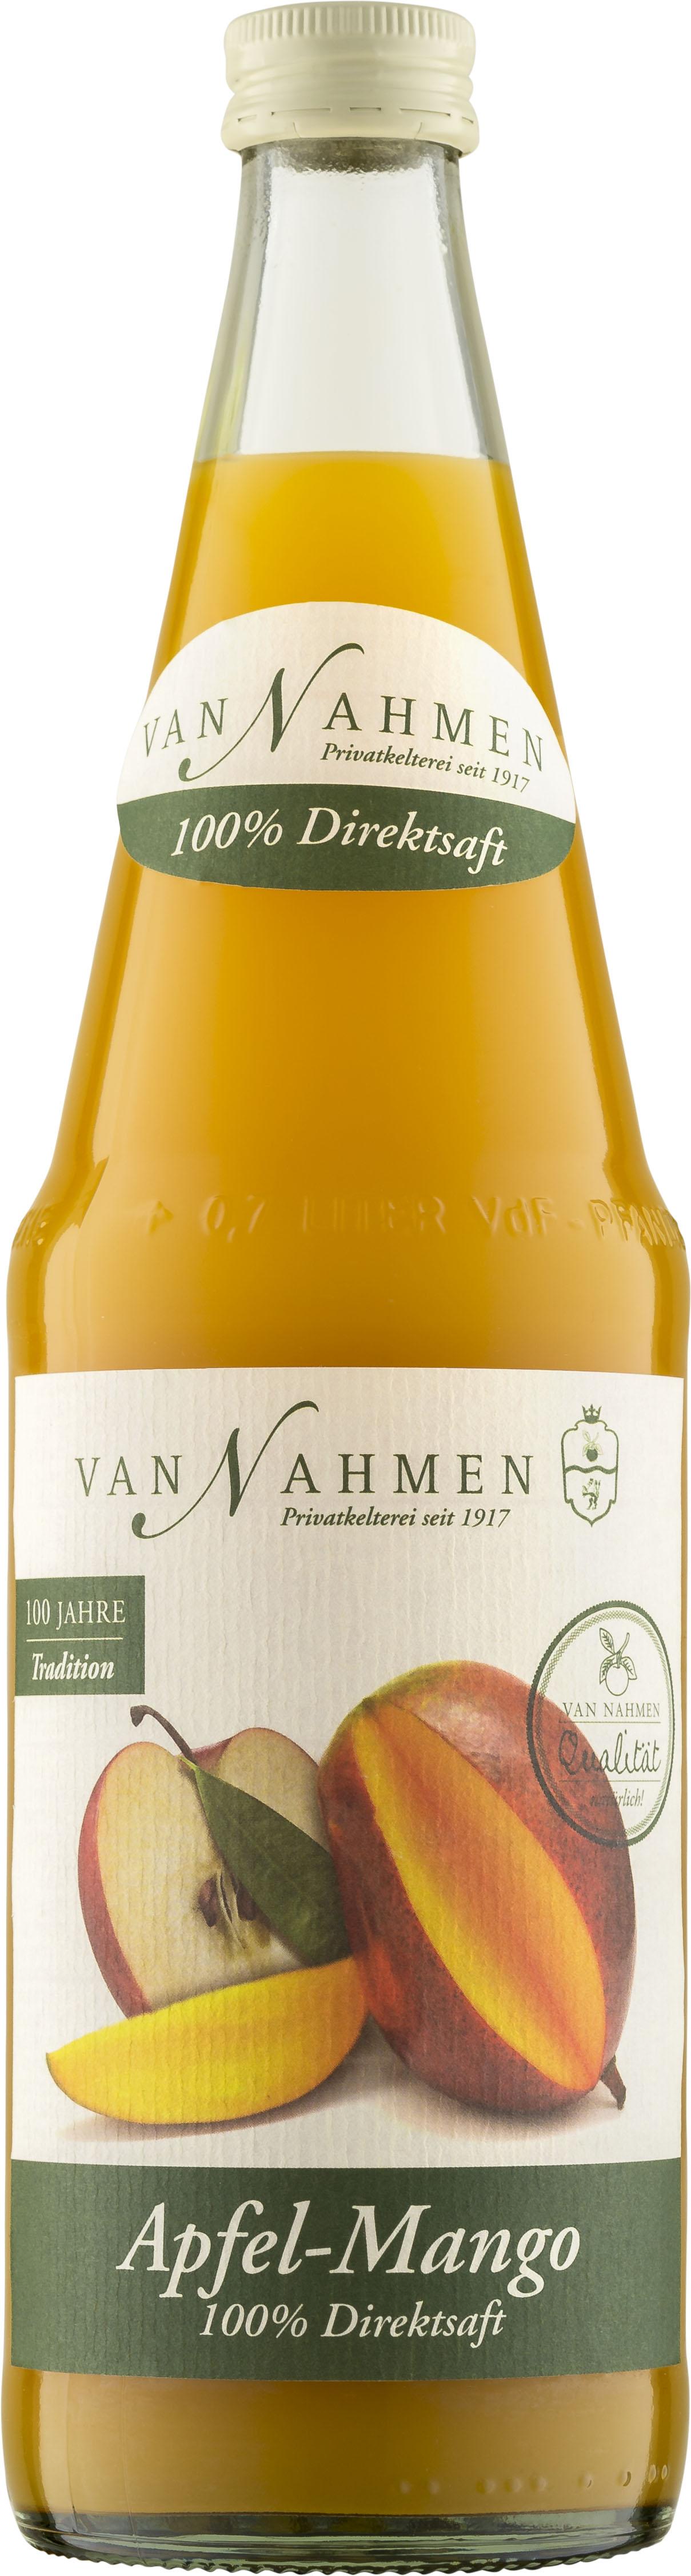 Van Nahmen Apfel-Mango-Saft